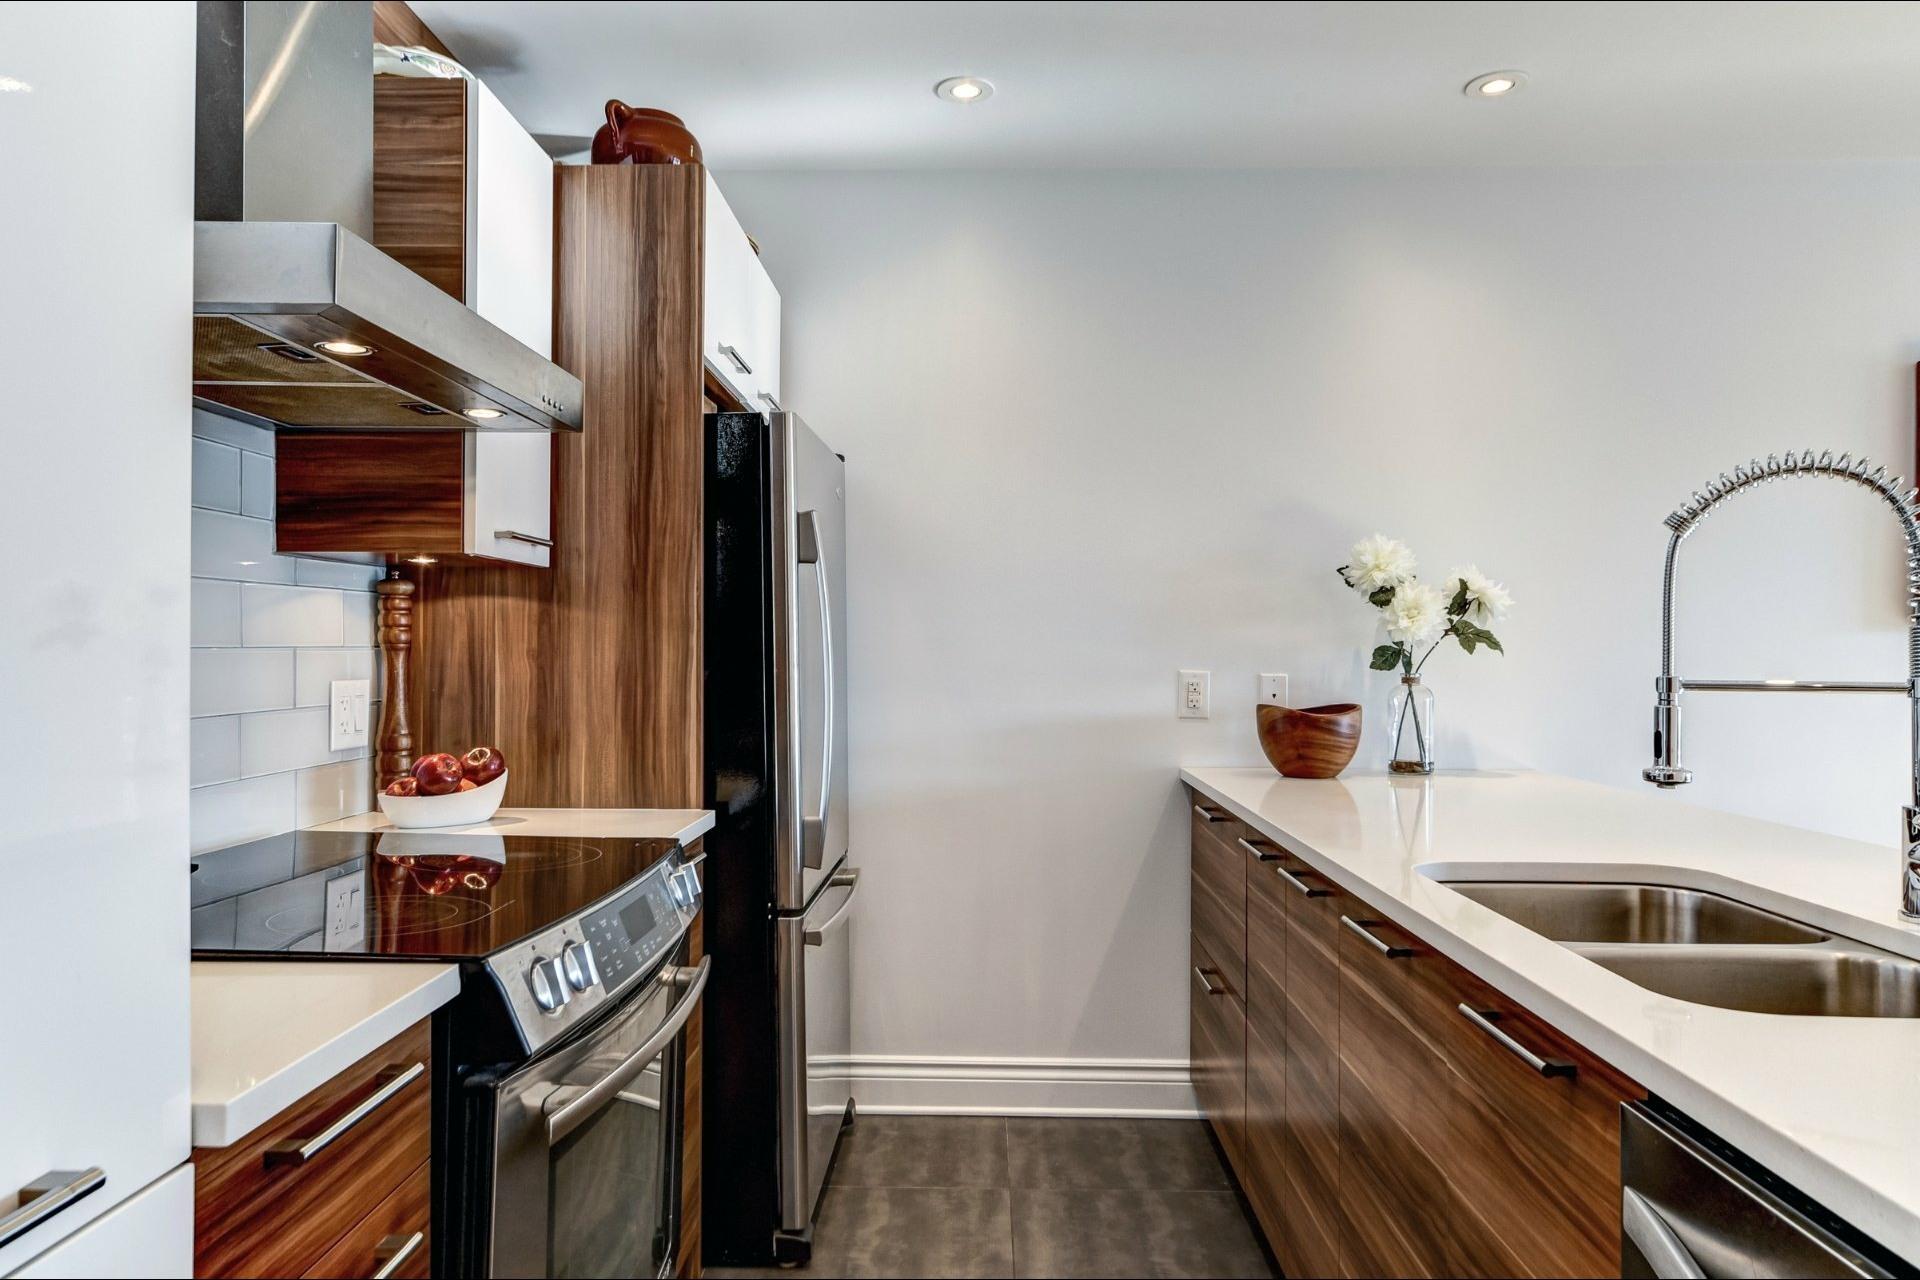 image 10 - Appartement À vendre Villeray/Saint-Michel/Parc-Extension Montréal  - 5 pièces